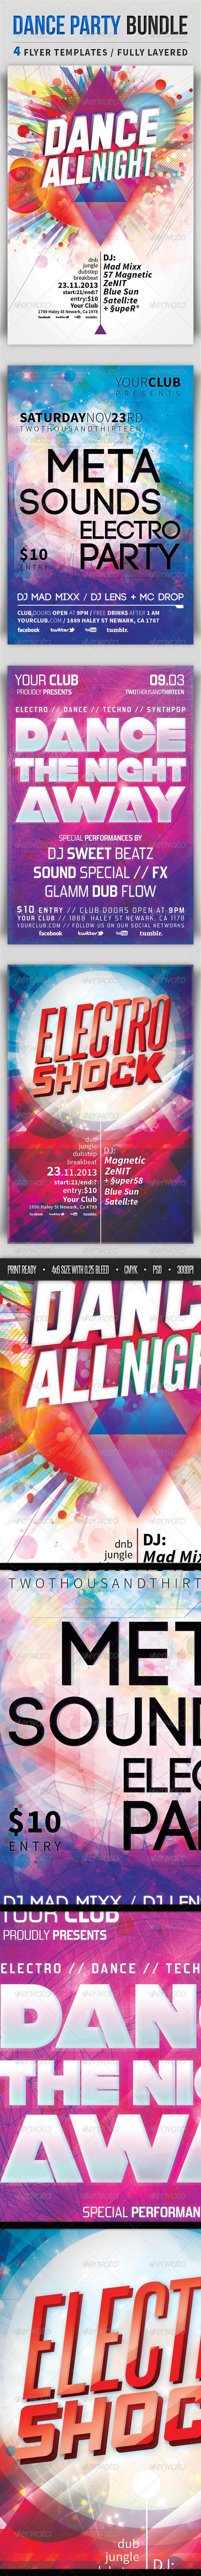 GraphicRiver Dance Party Bundle 4652453